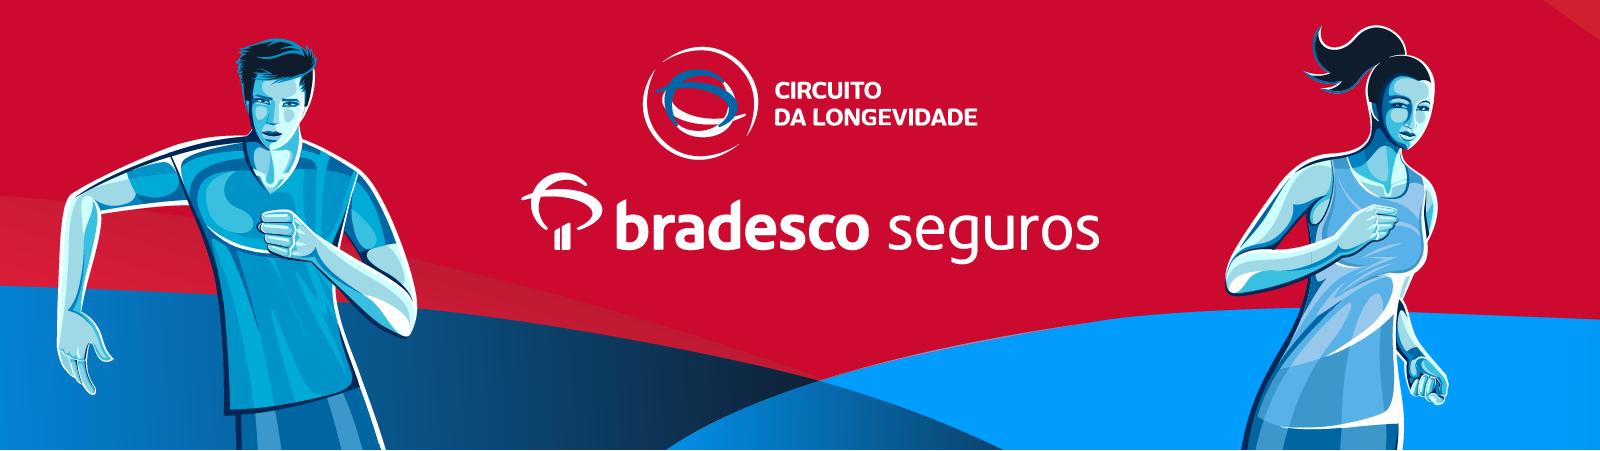 CIRCUITO DA LONGEVIDADE - RECIFE